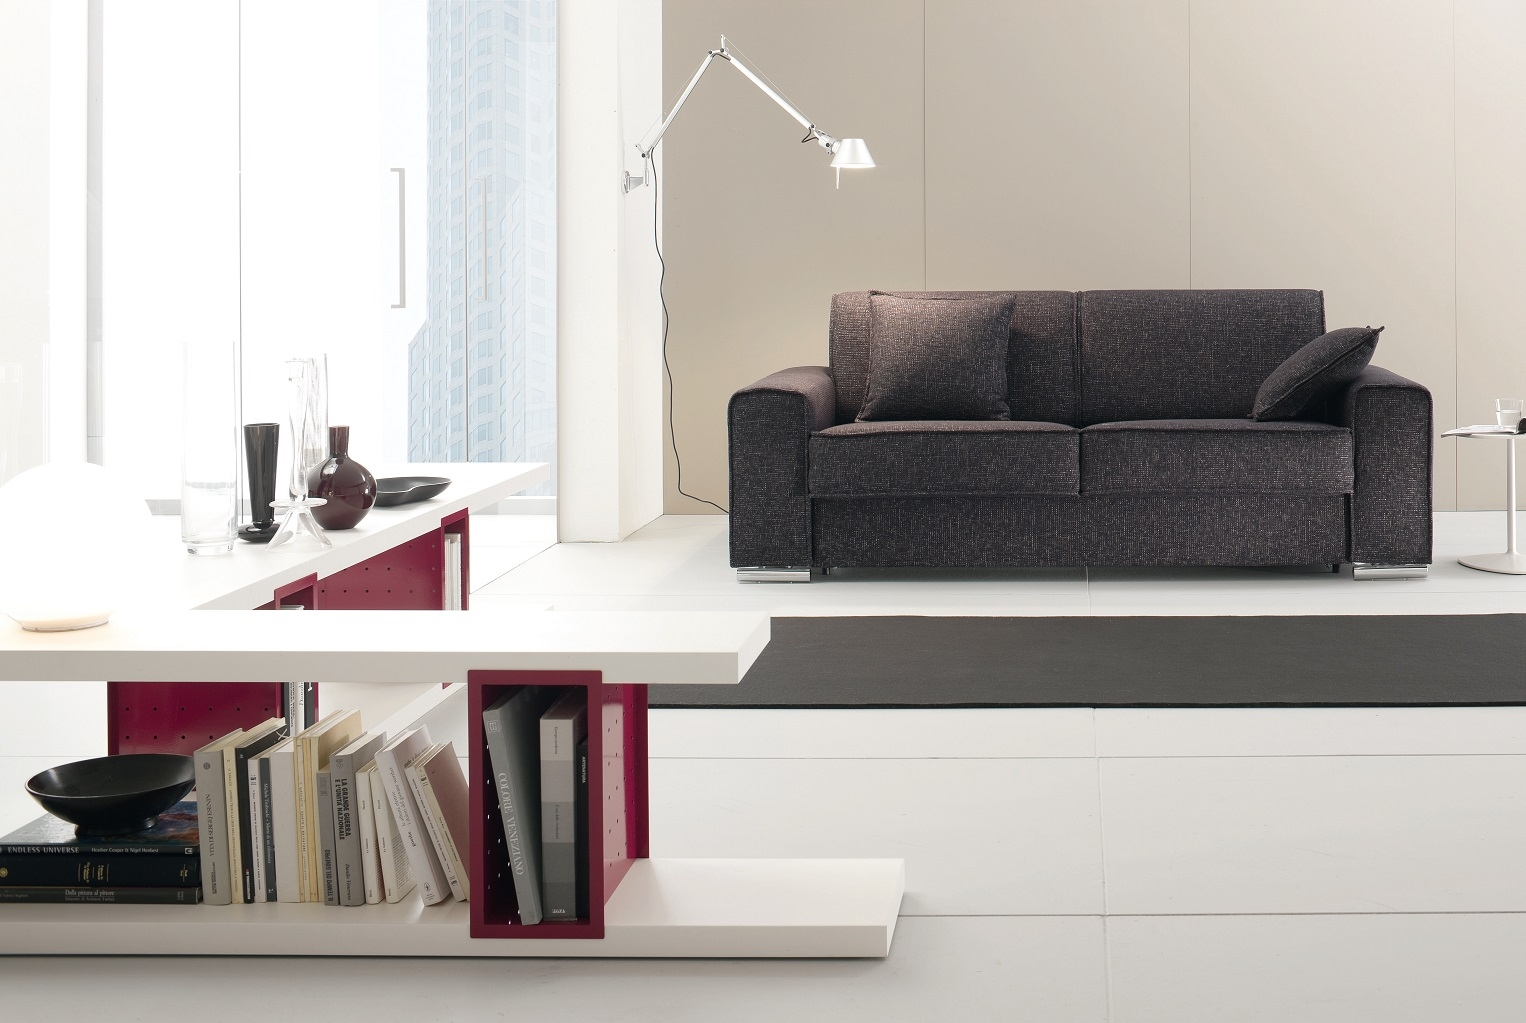 Offerta divano letto brio divani a prezzi scontati - Divano letto prezzi convenienti ...